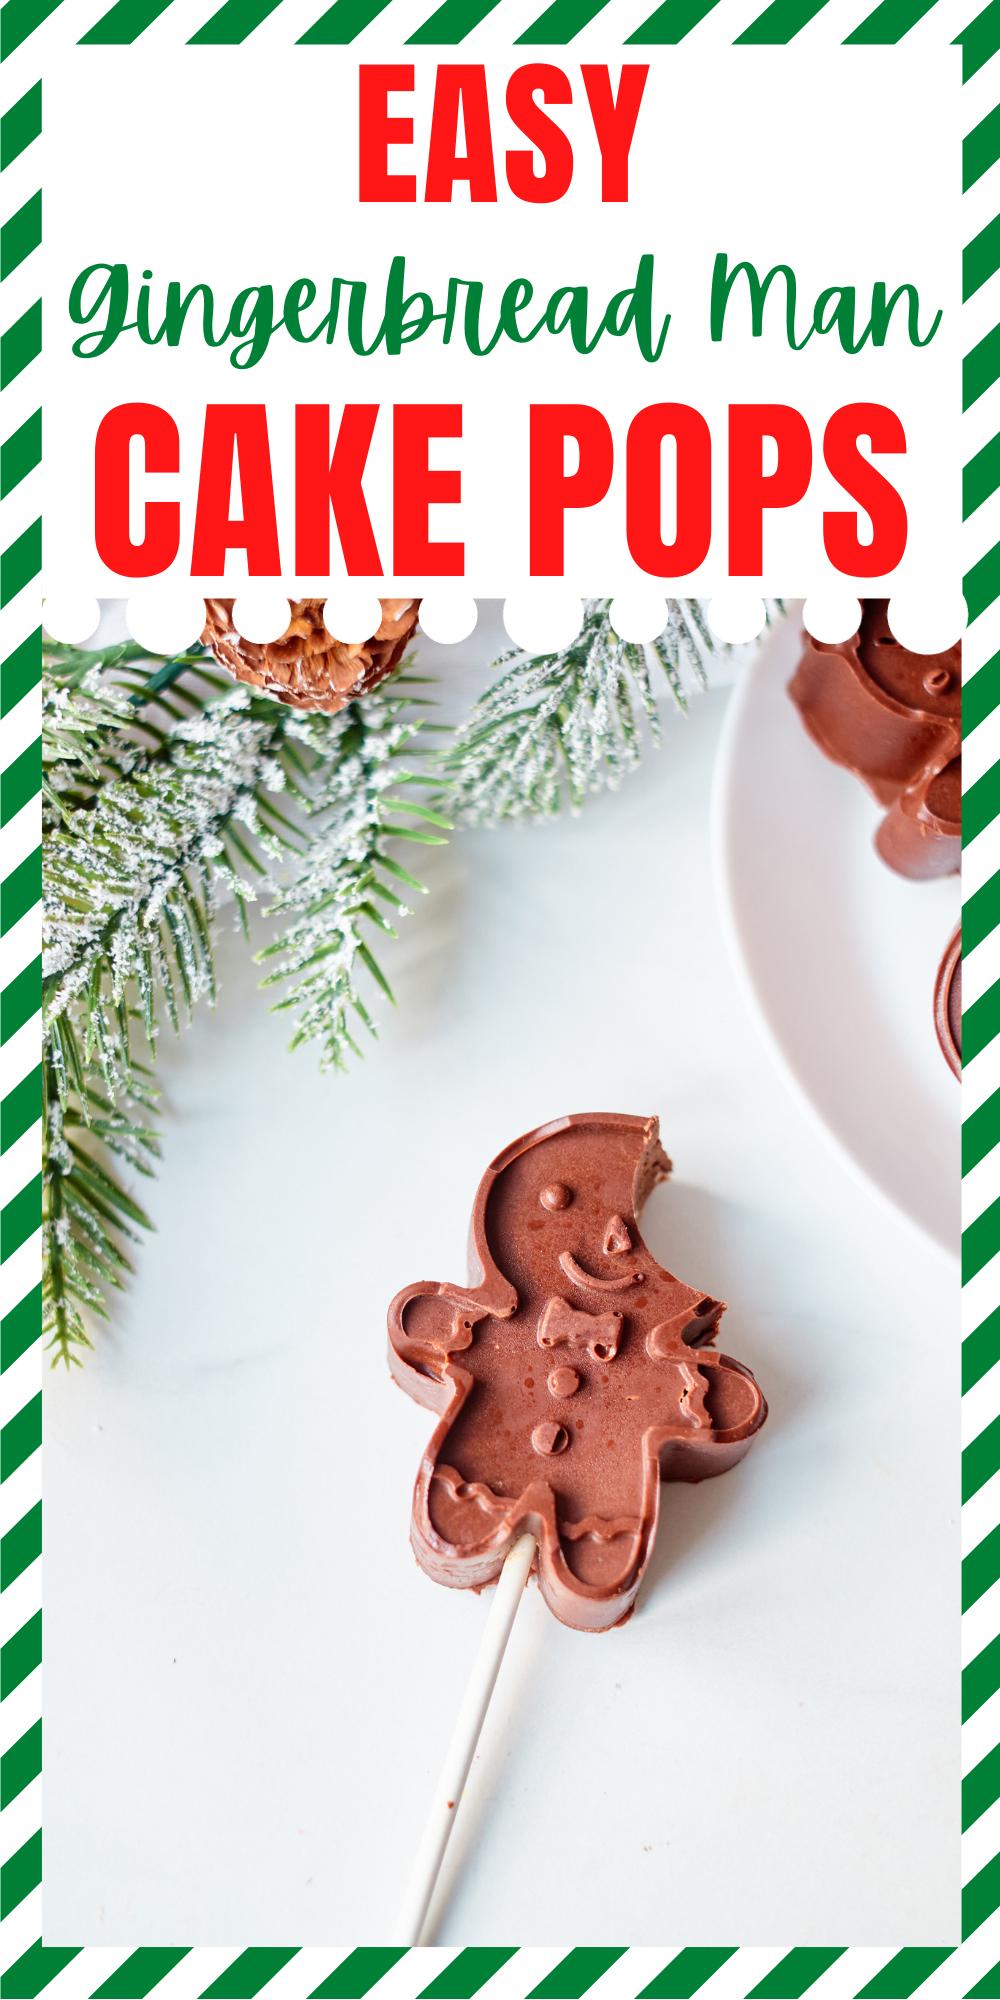 Easy Gingerbread Man Cake Pops